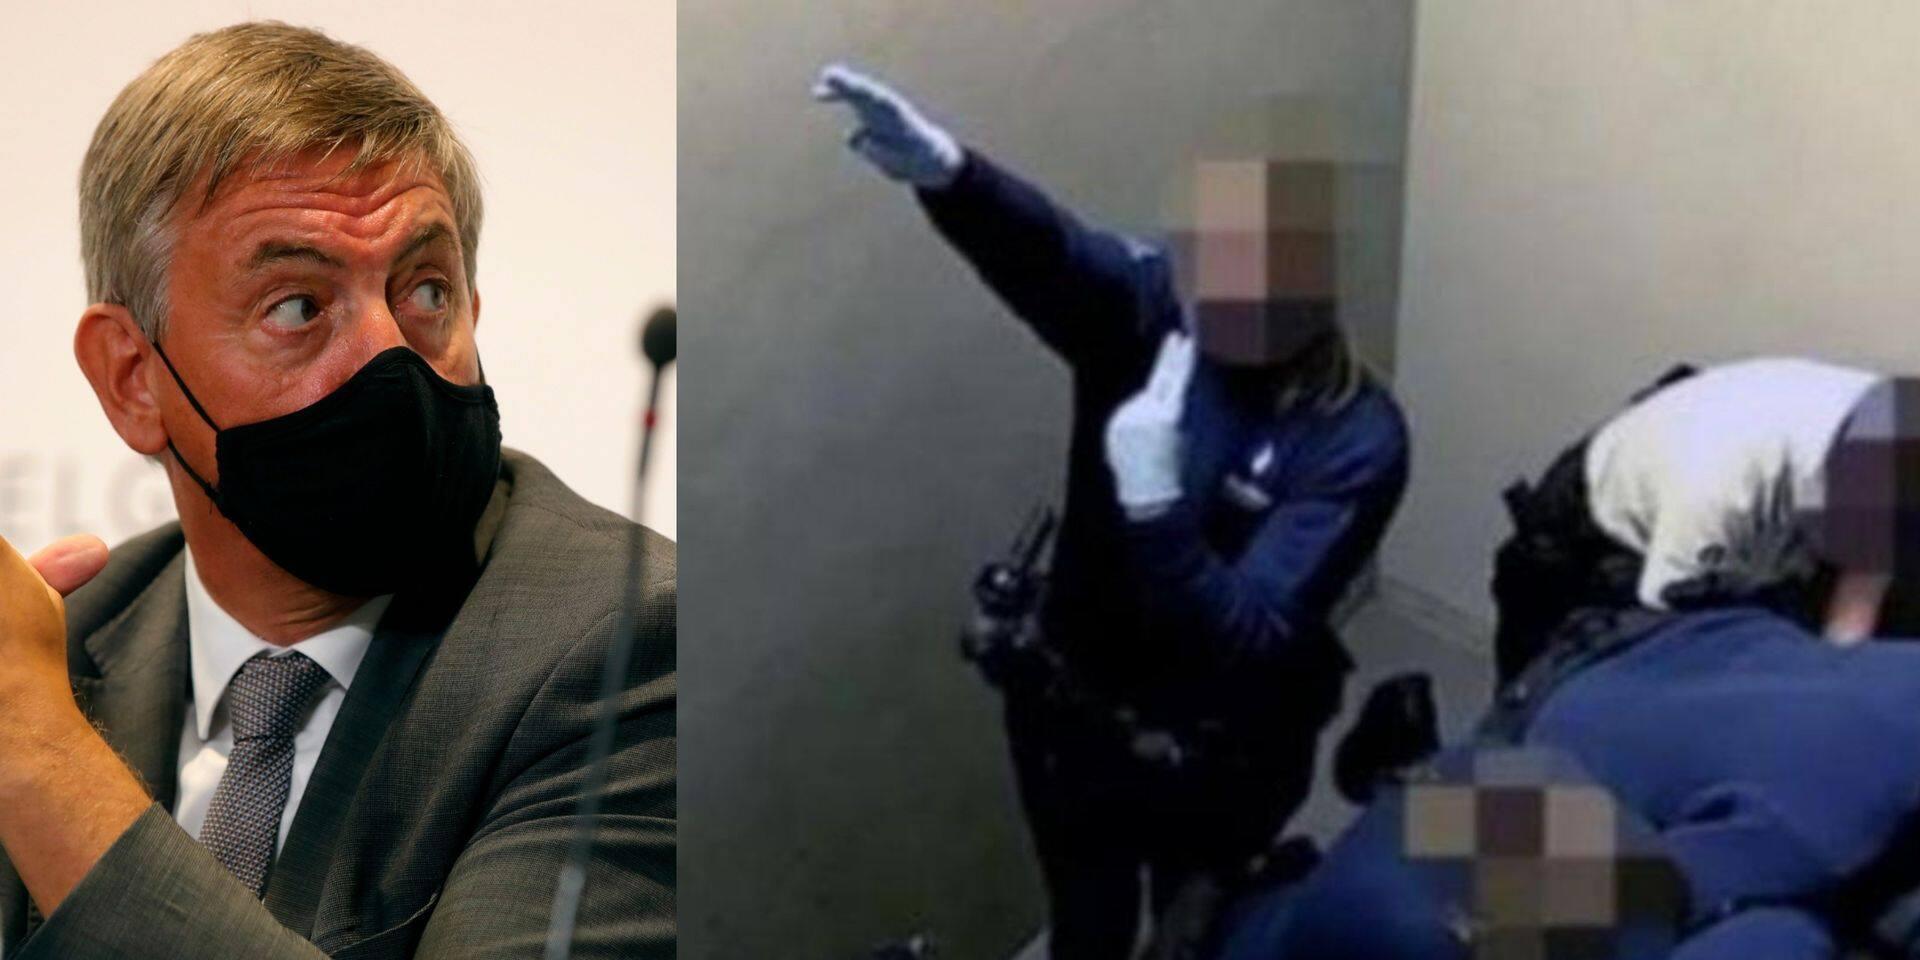 Décès d'un passager à l'aéroport de Charleroi: Jan Jambon était au courant de l'incident depuis juillet 2018